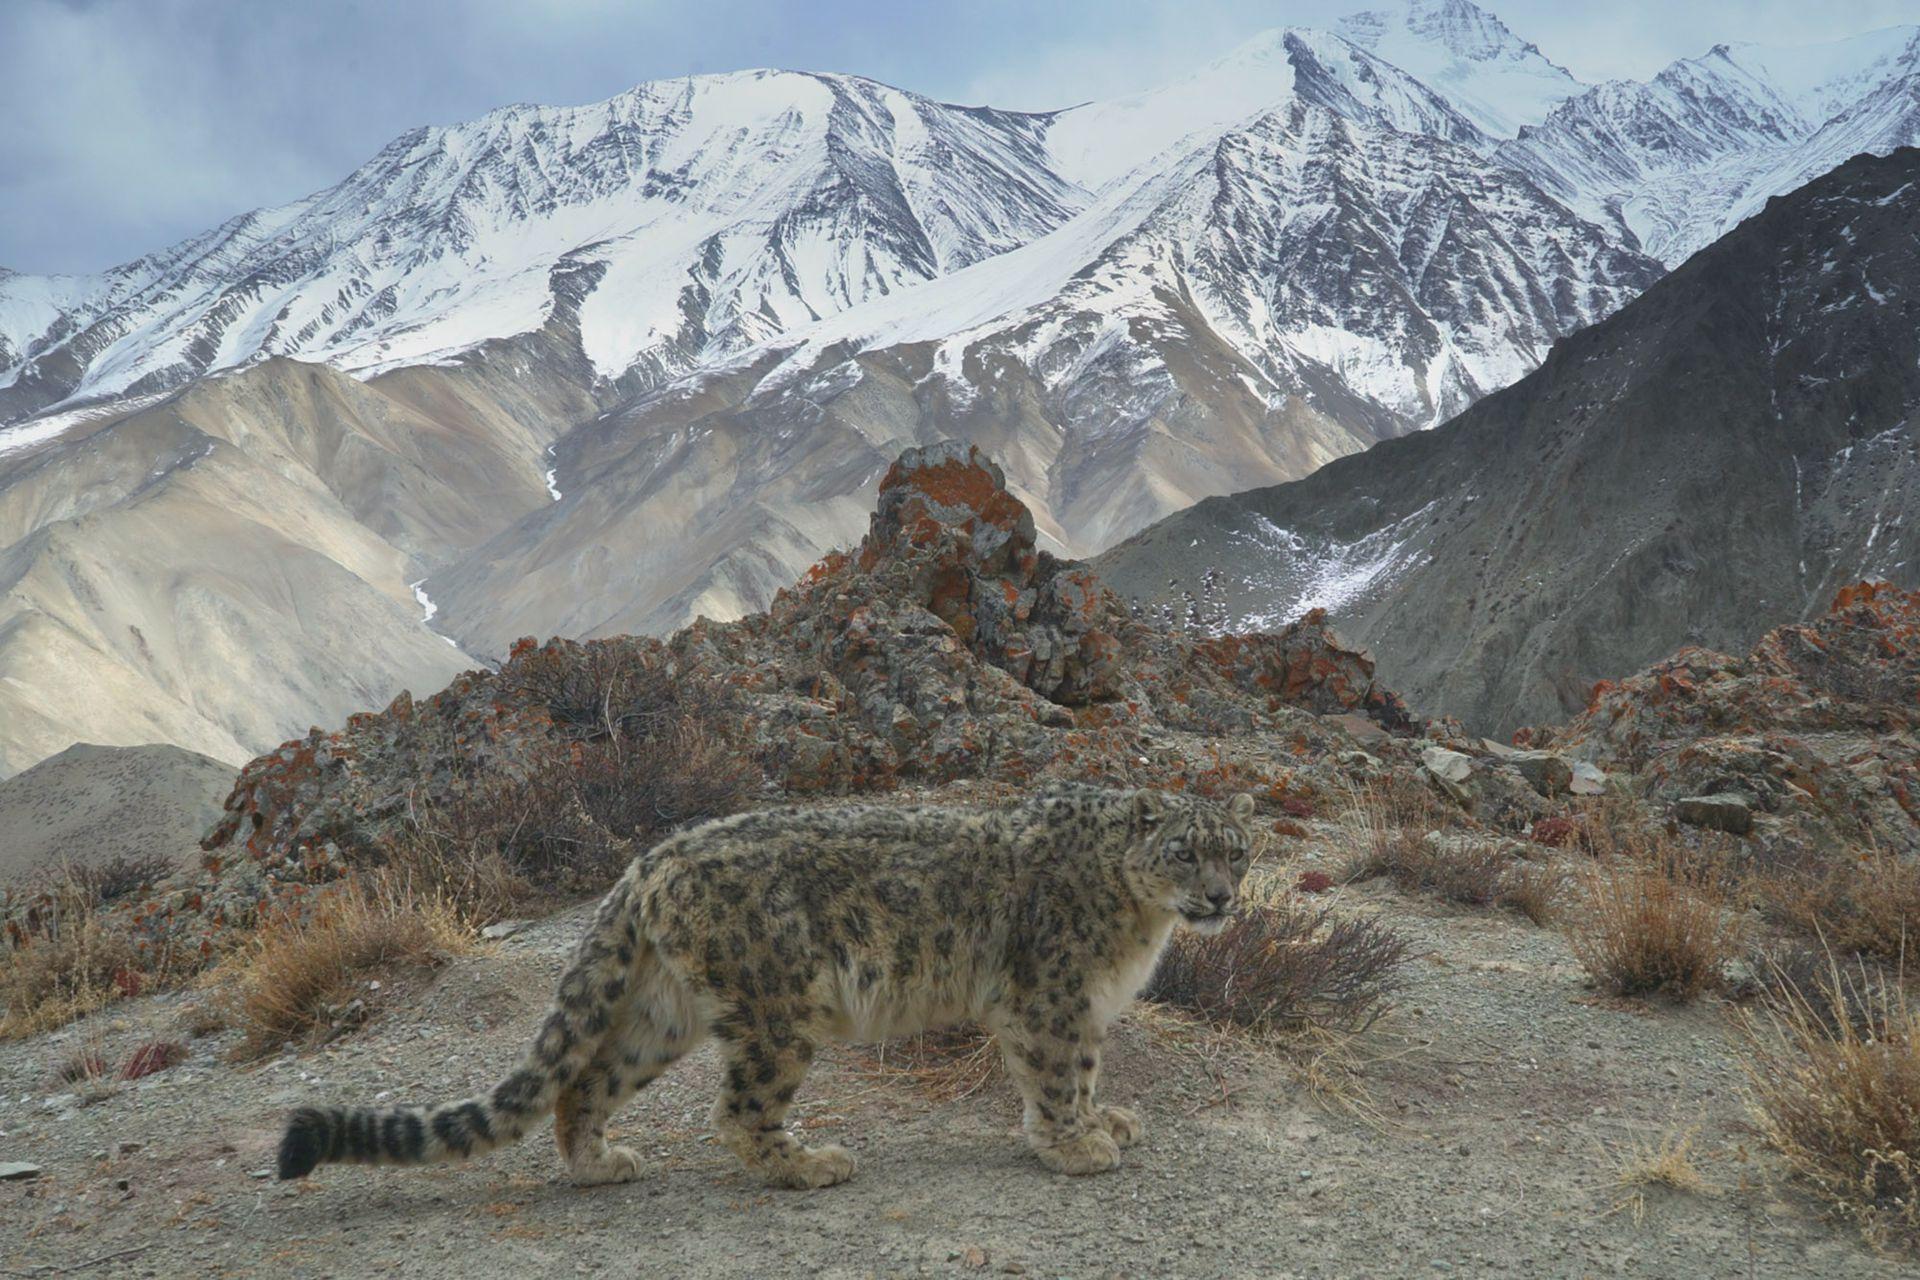 Un leopardo de las nieves en el Himalaya.